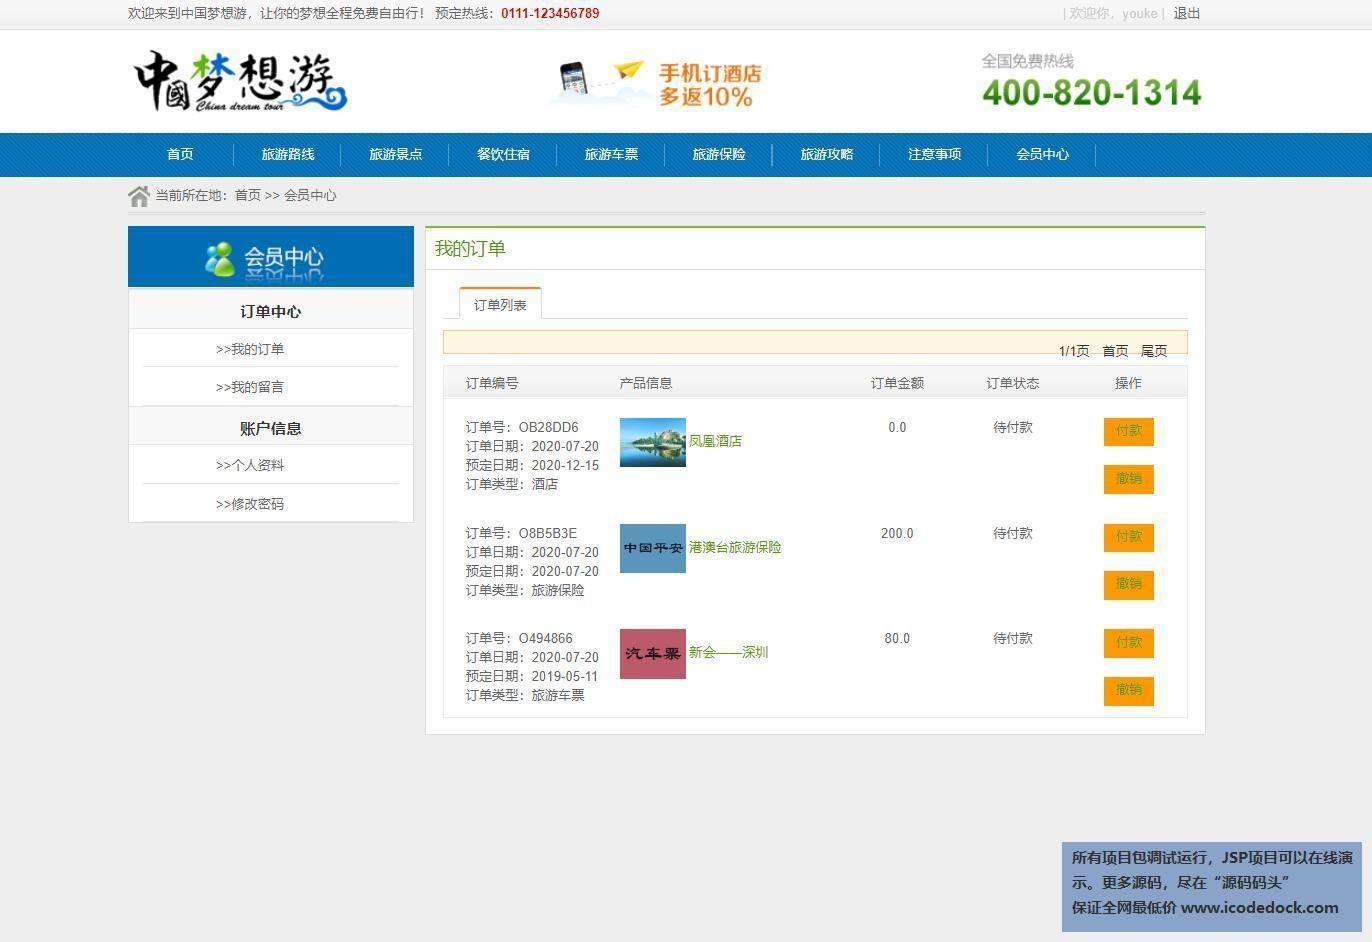 源码码头-Springboot旅游网站管理系统-用户角色-我的订单查看